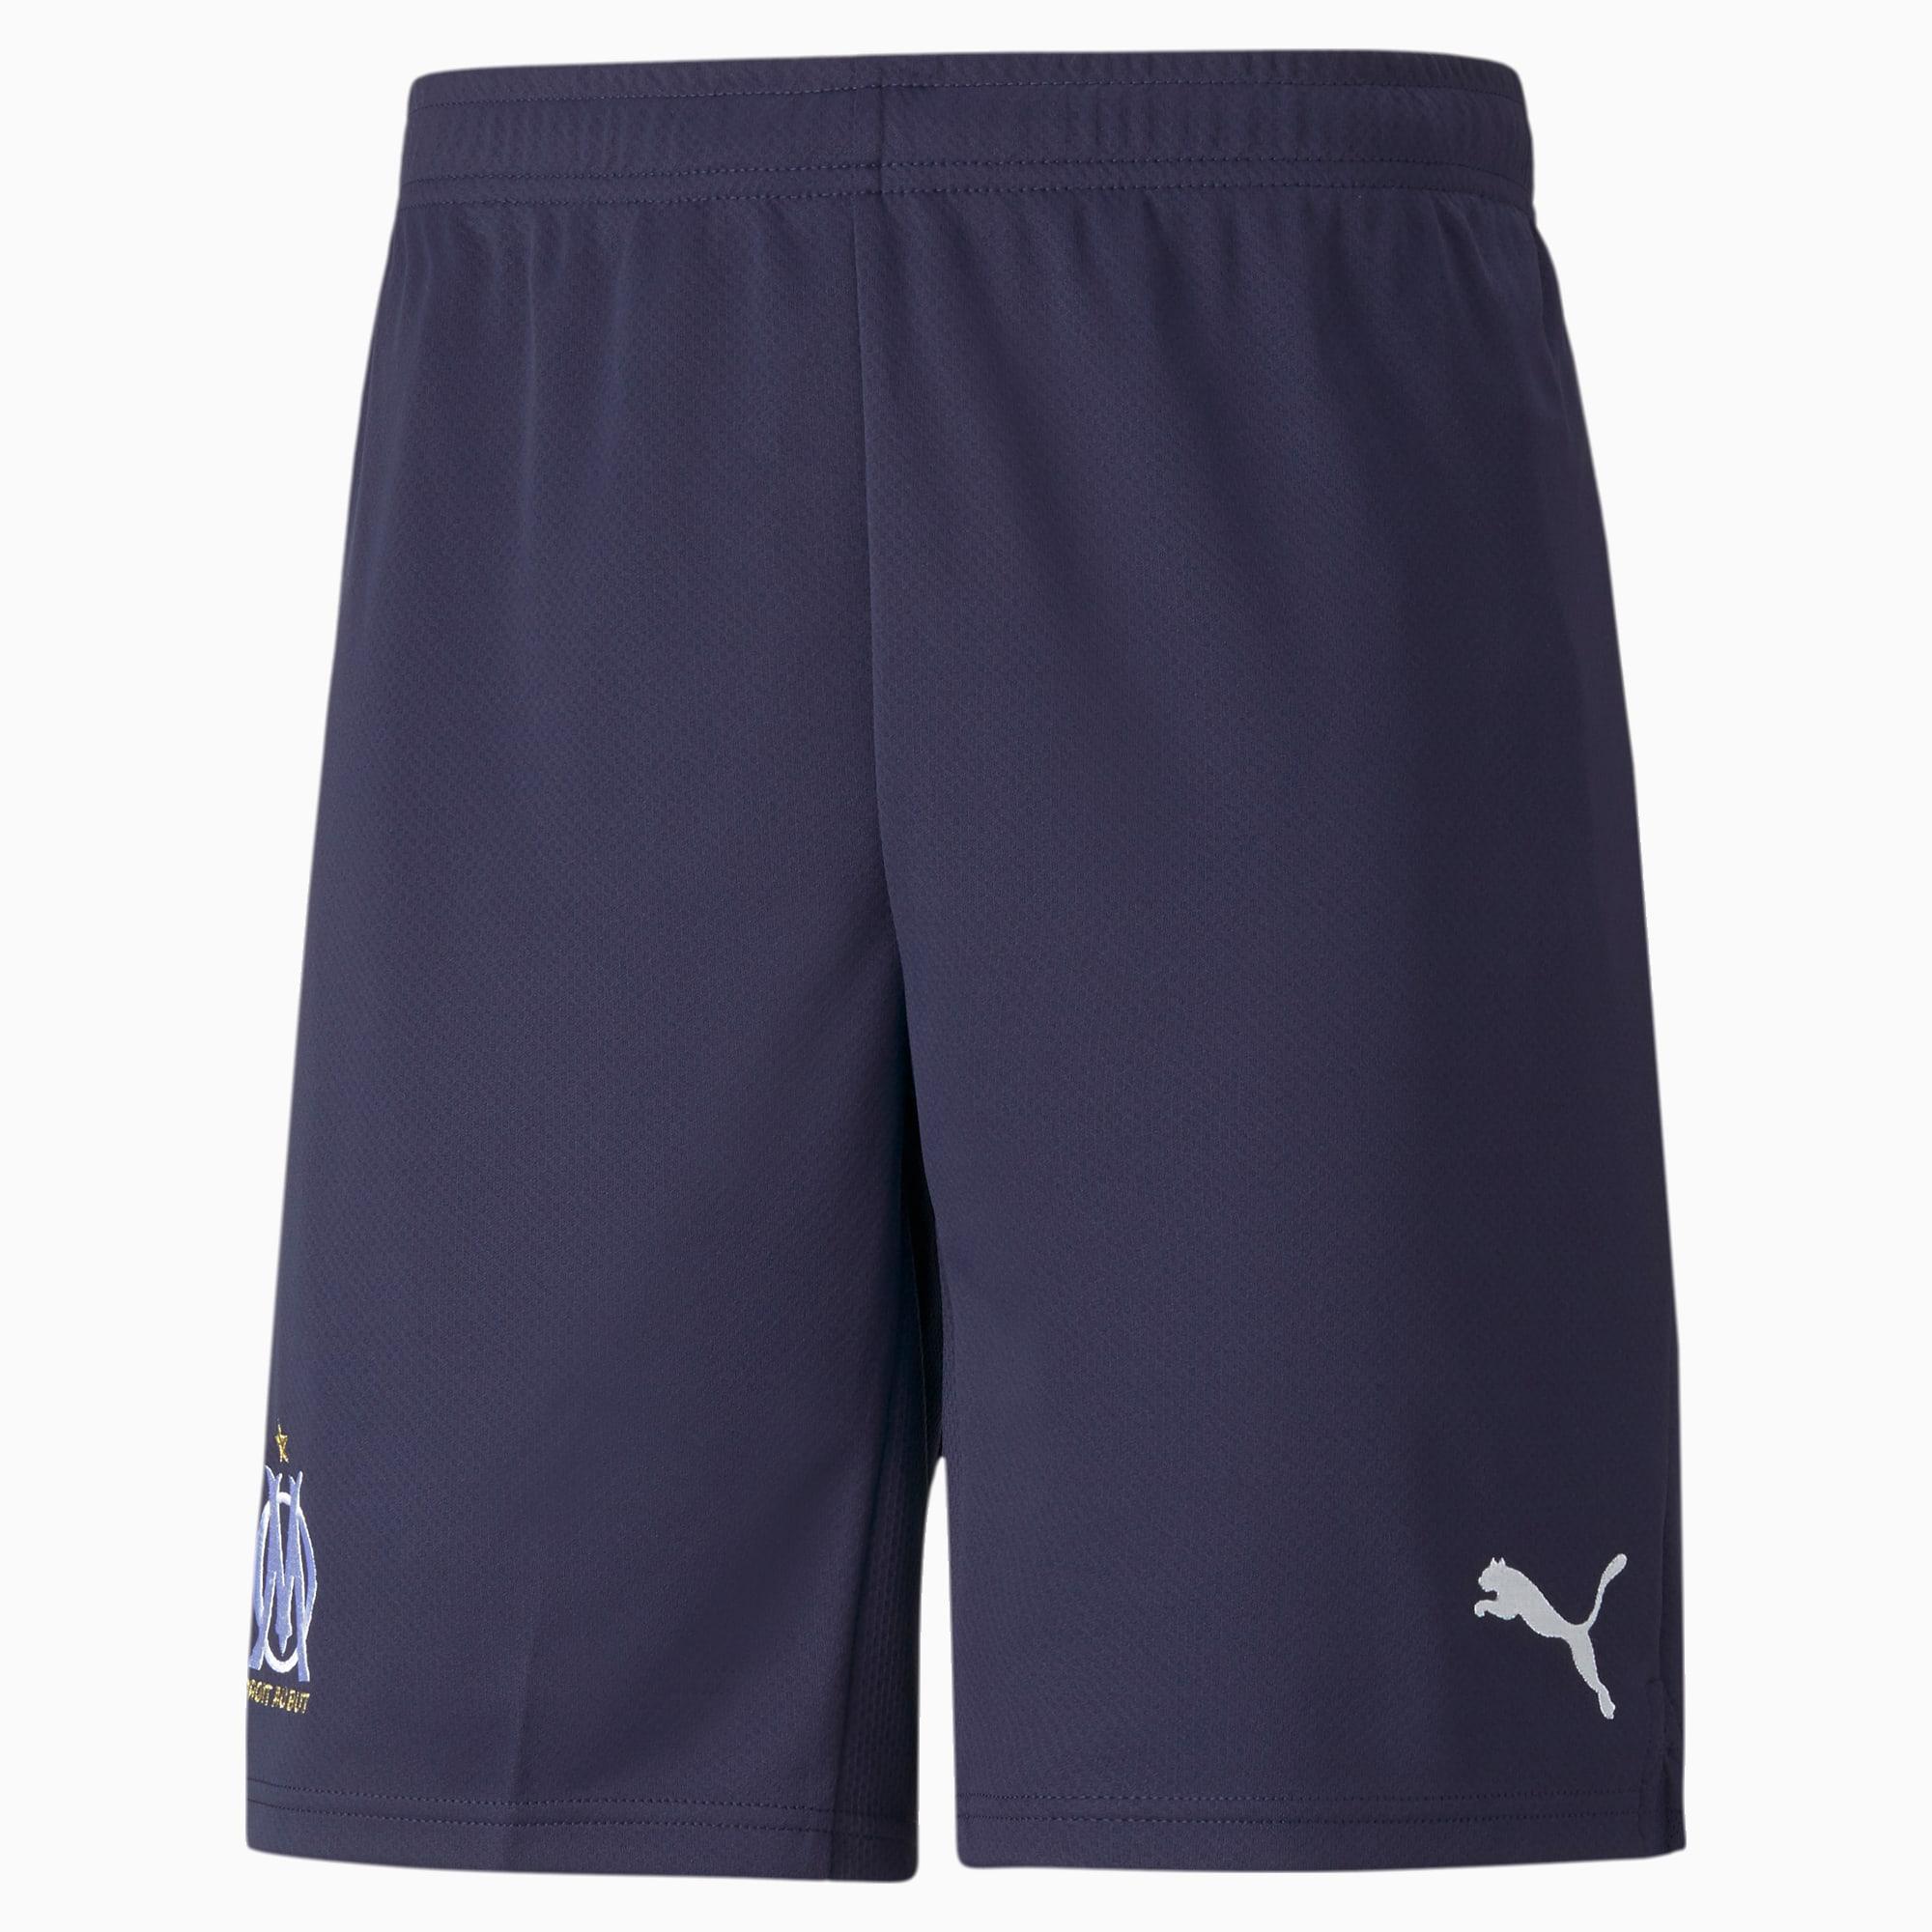 OM Replica voetbalshort heren, Blauw/Wit, Maat XL | PUMA